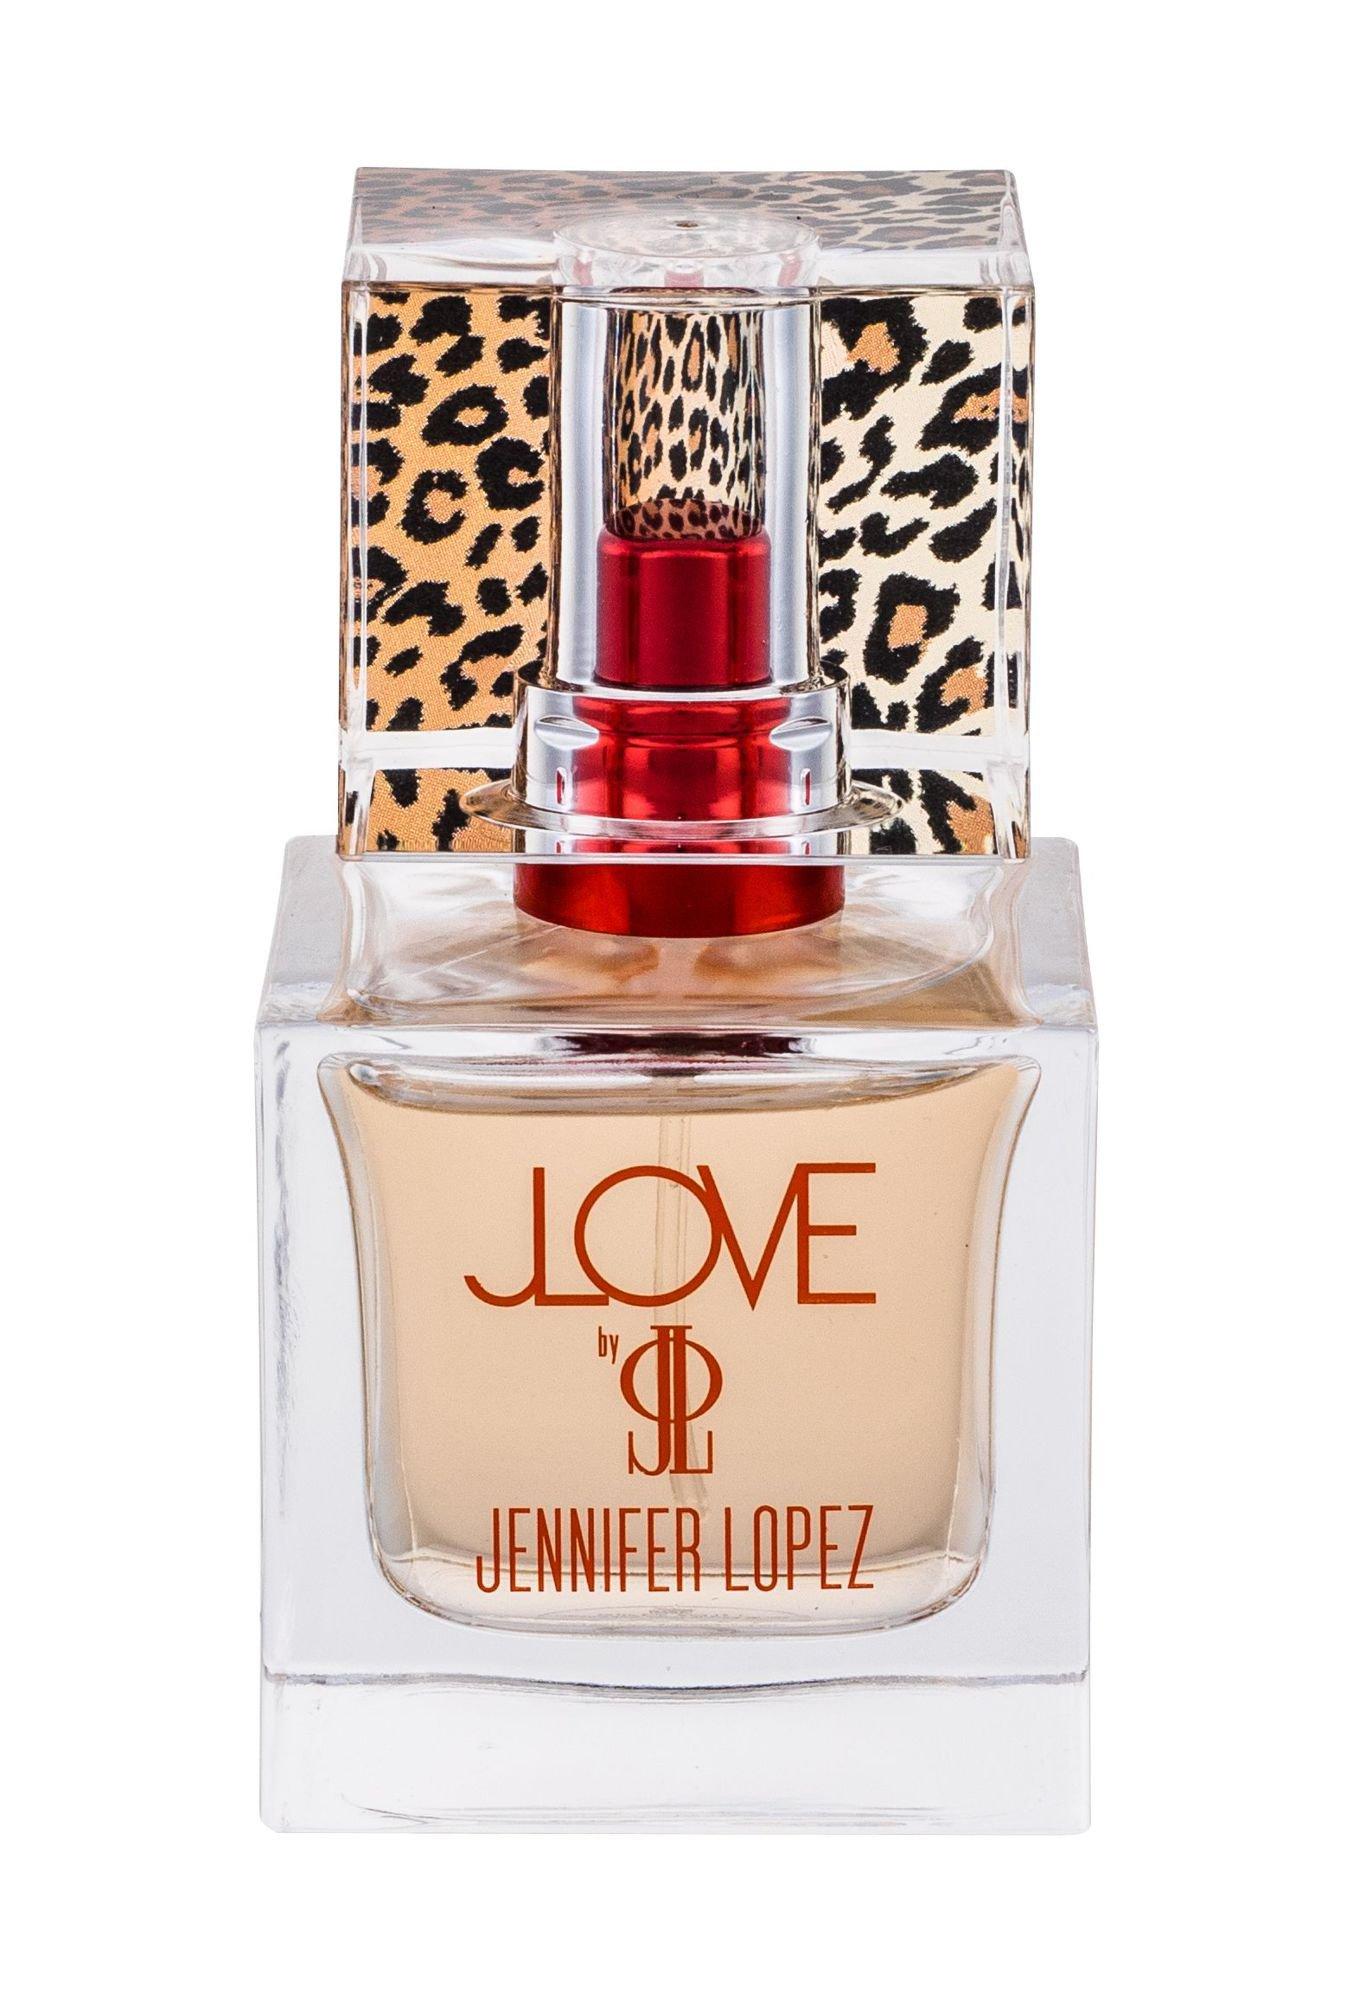 Jennifer Lopez JLove, edp 30ml